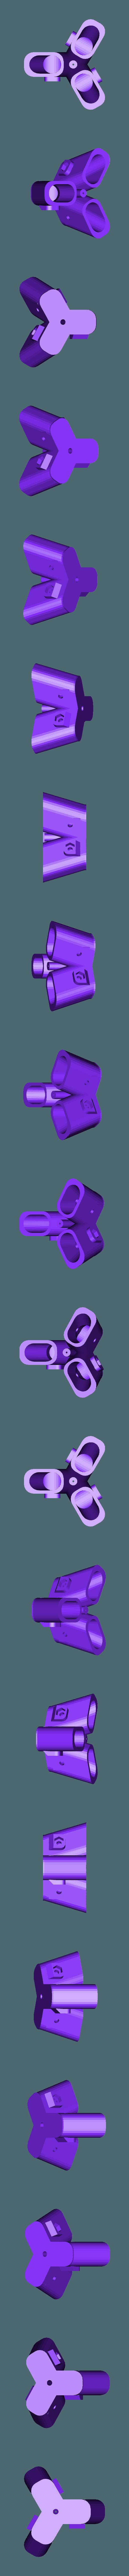 soporte_central_de_tripode.stl Télécharger fichier STL gratuit Trépied générique • Design à imprimer en 3D, raulrrojas